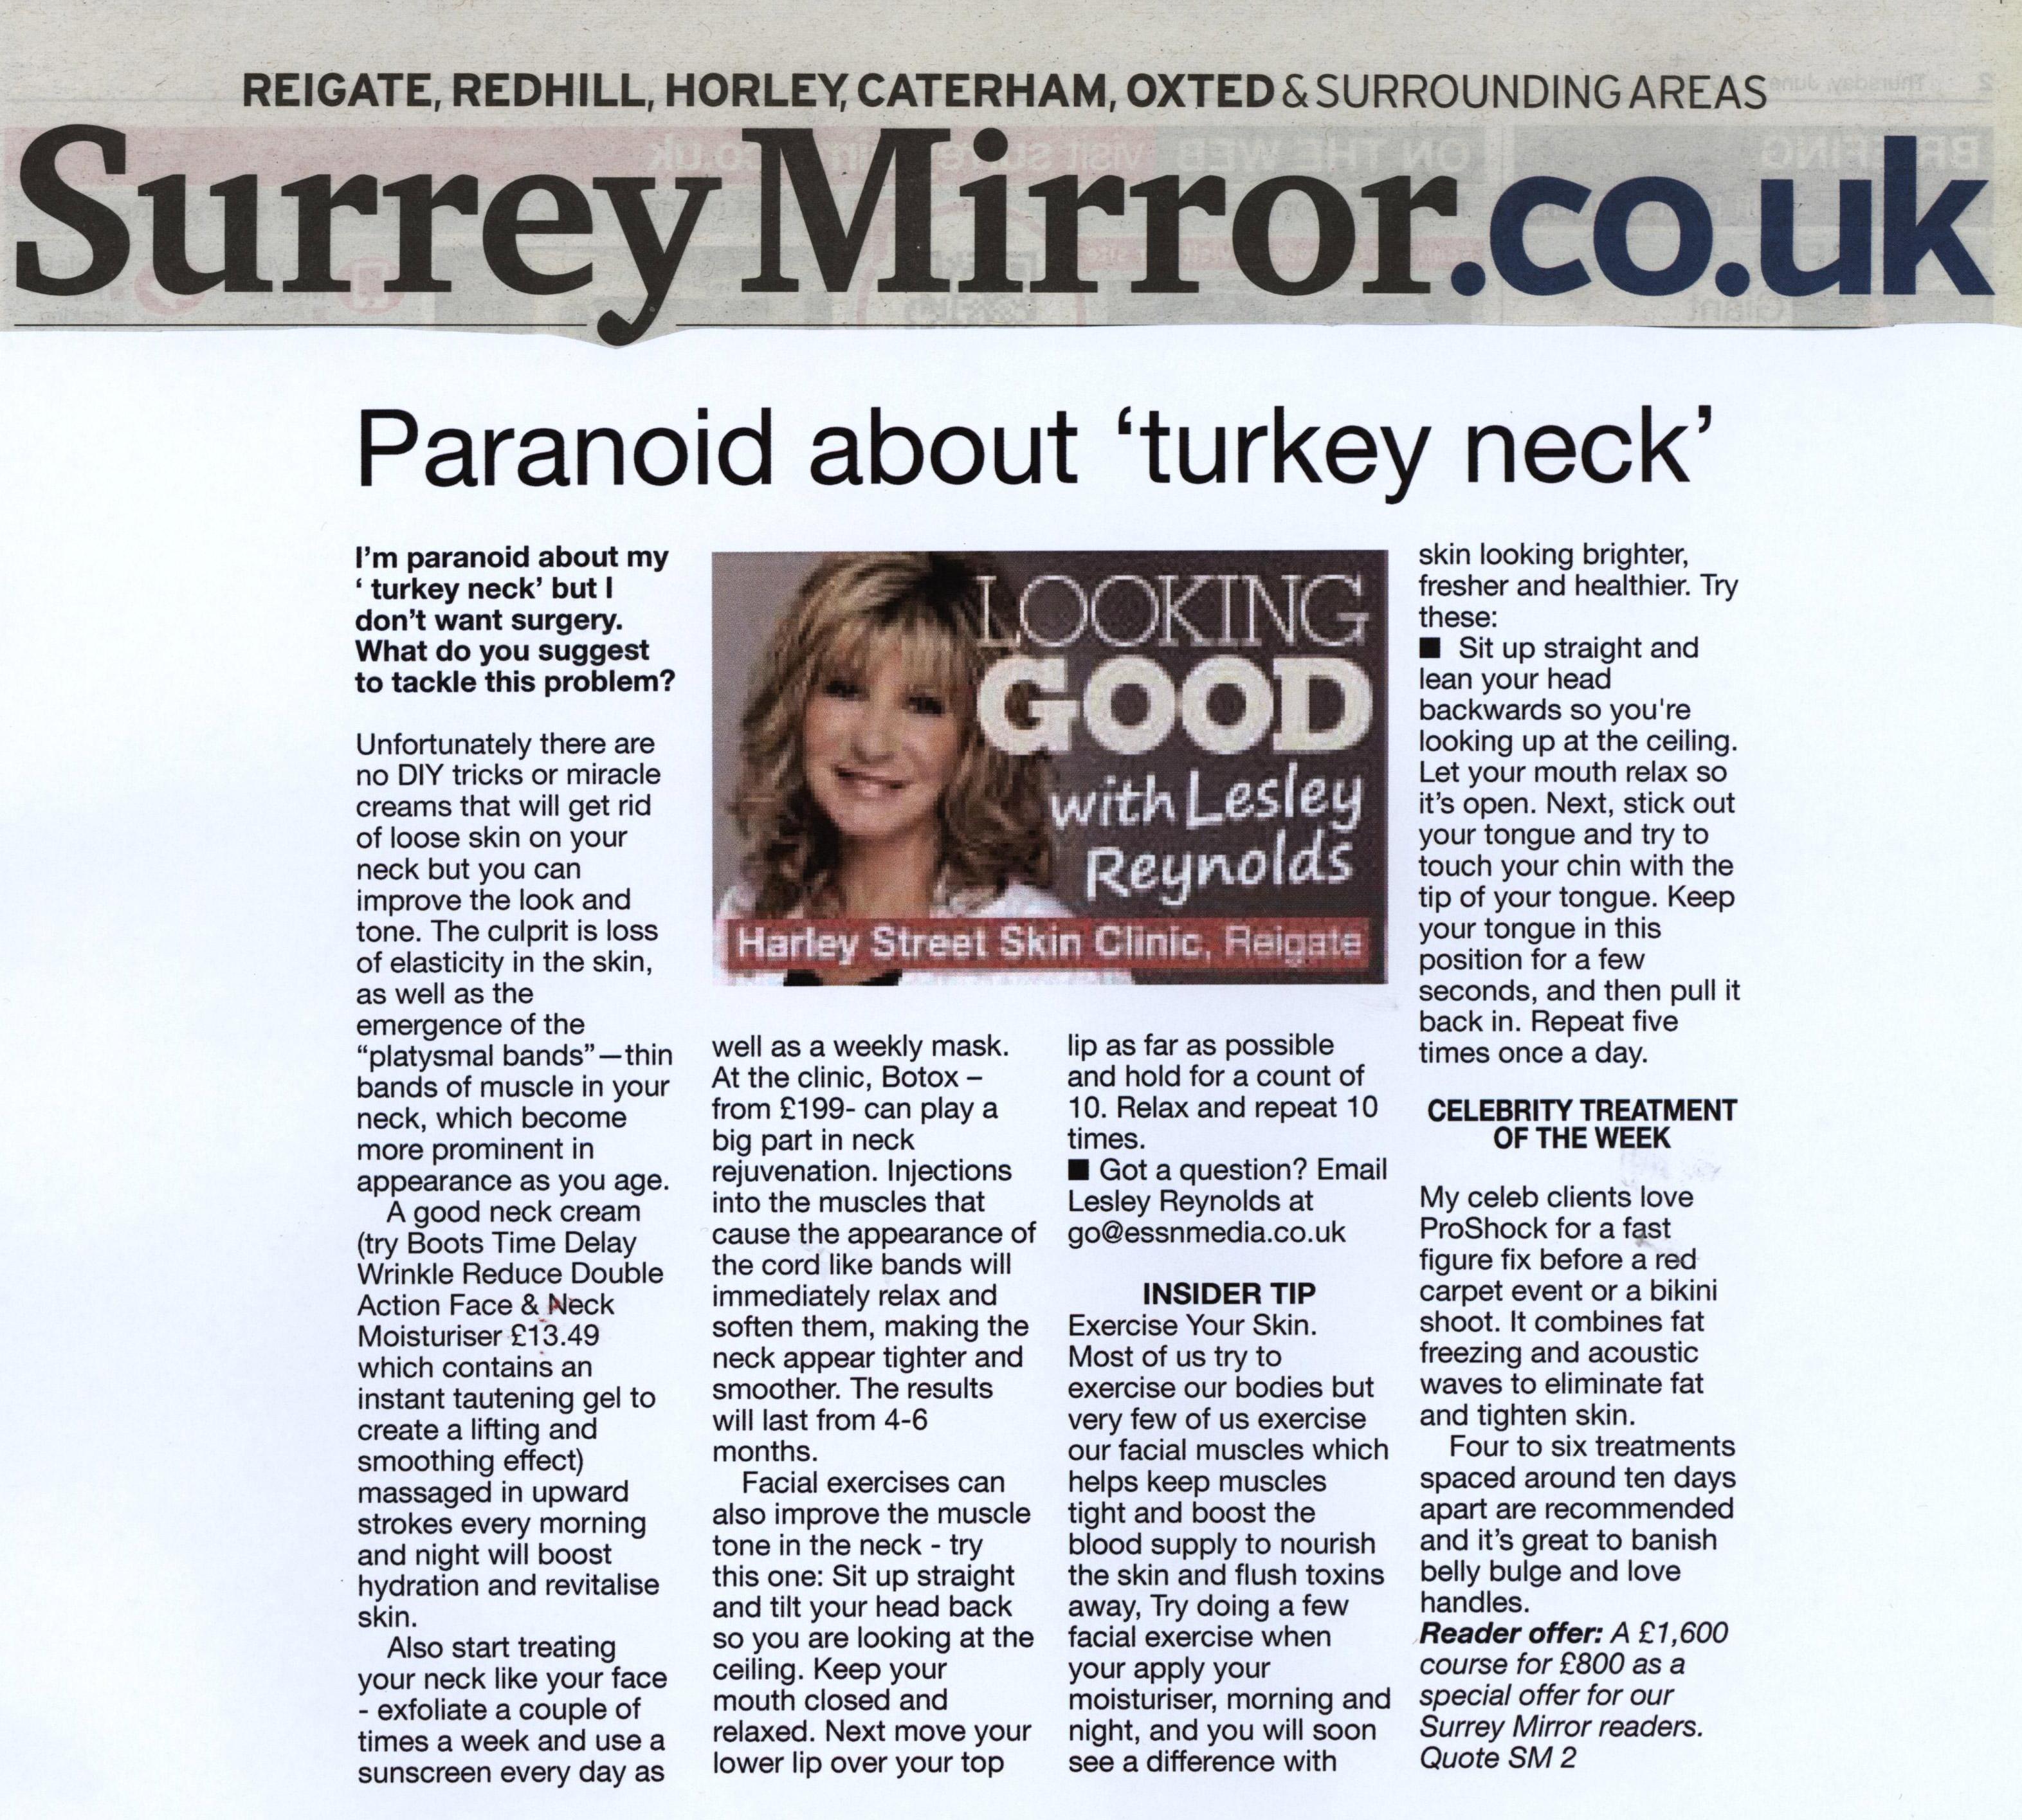 Surrey-mirror